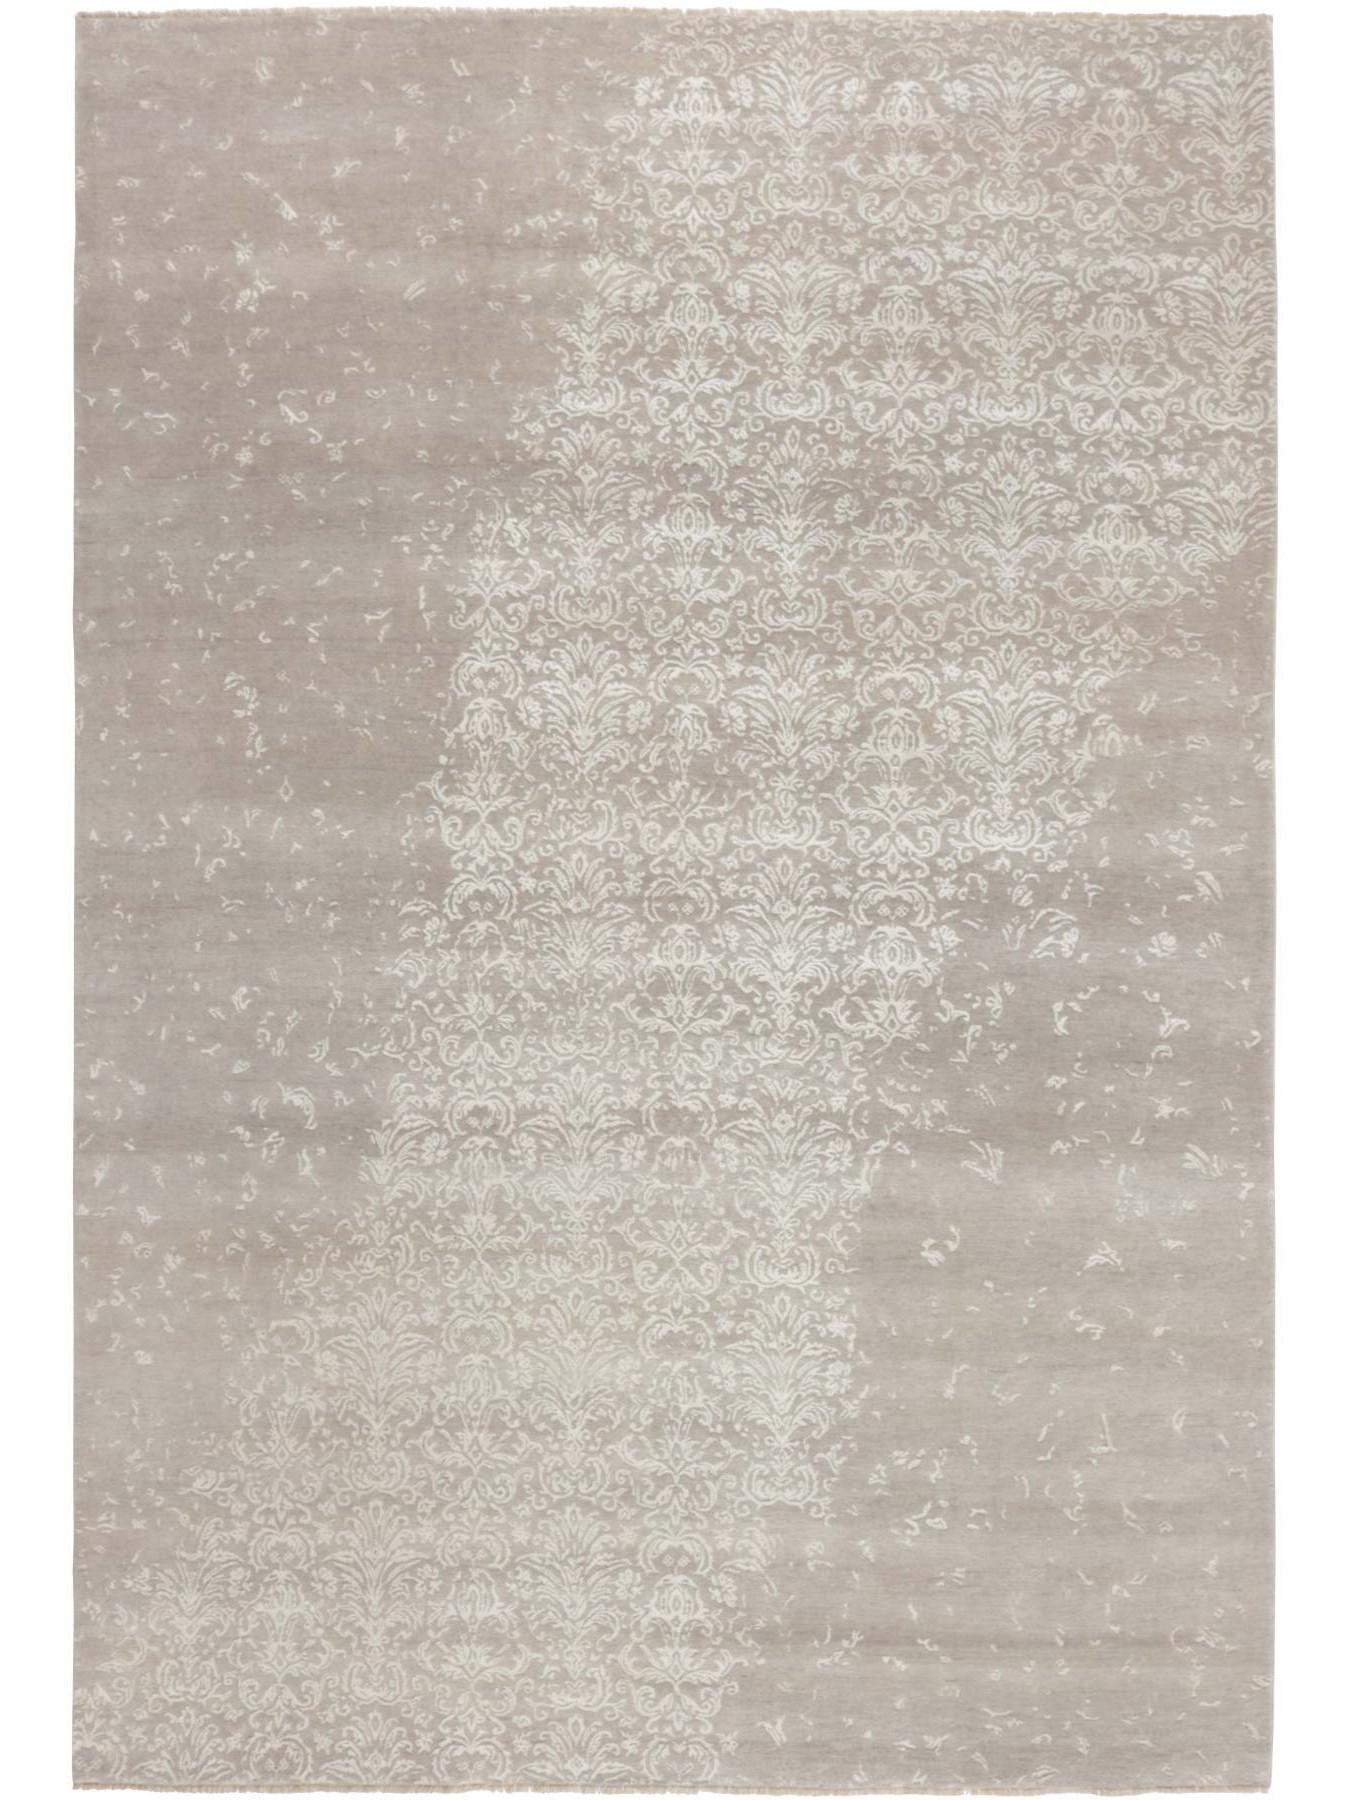 Luxury tapijten - Damask-AL-445E A-21/HB-28